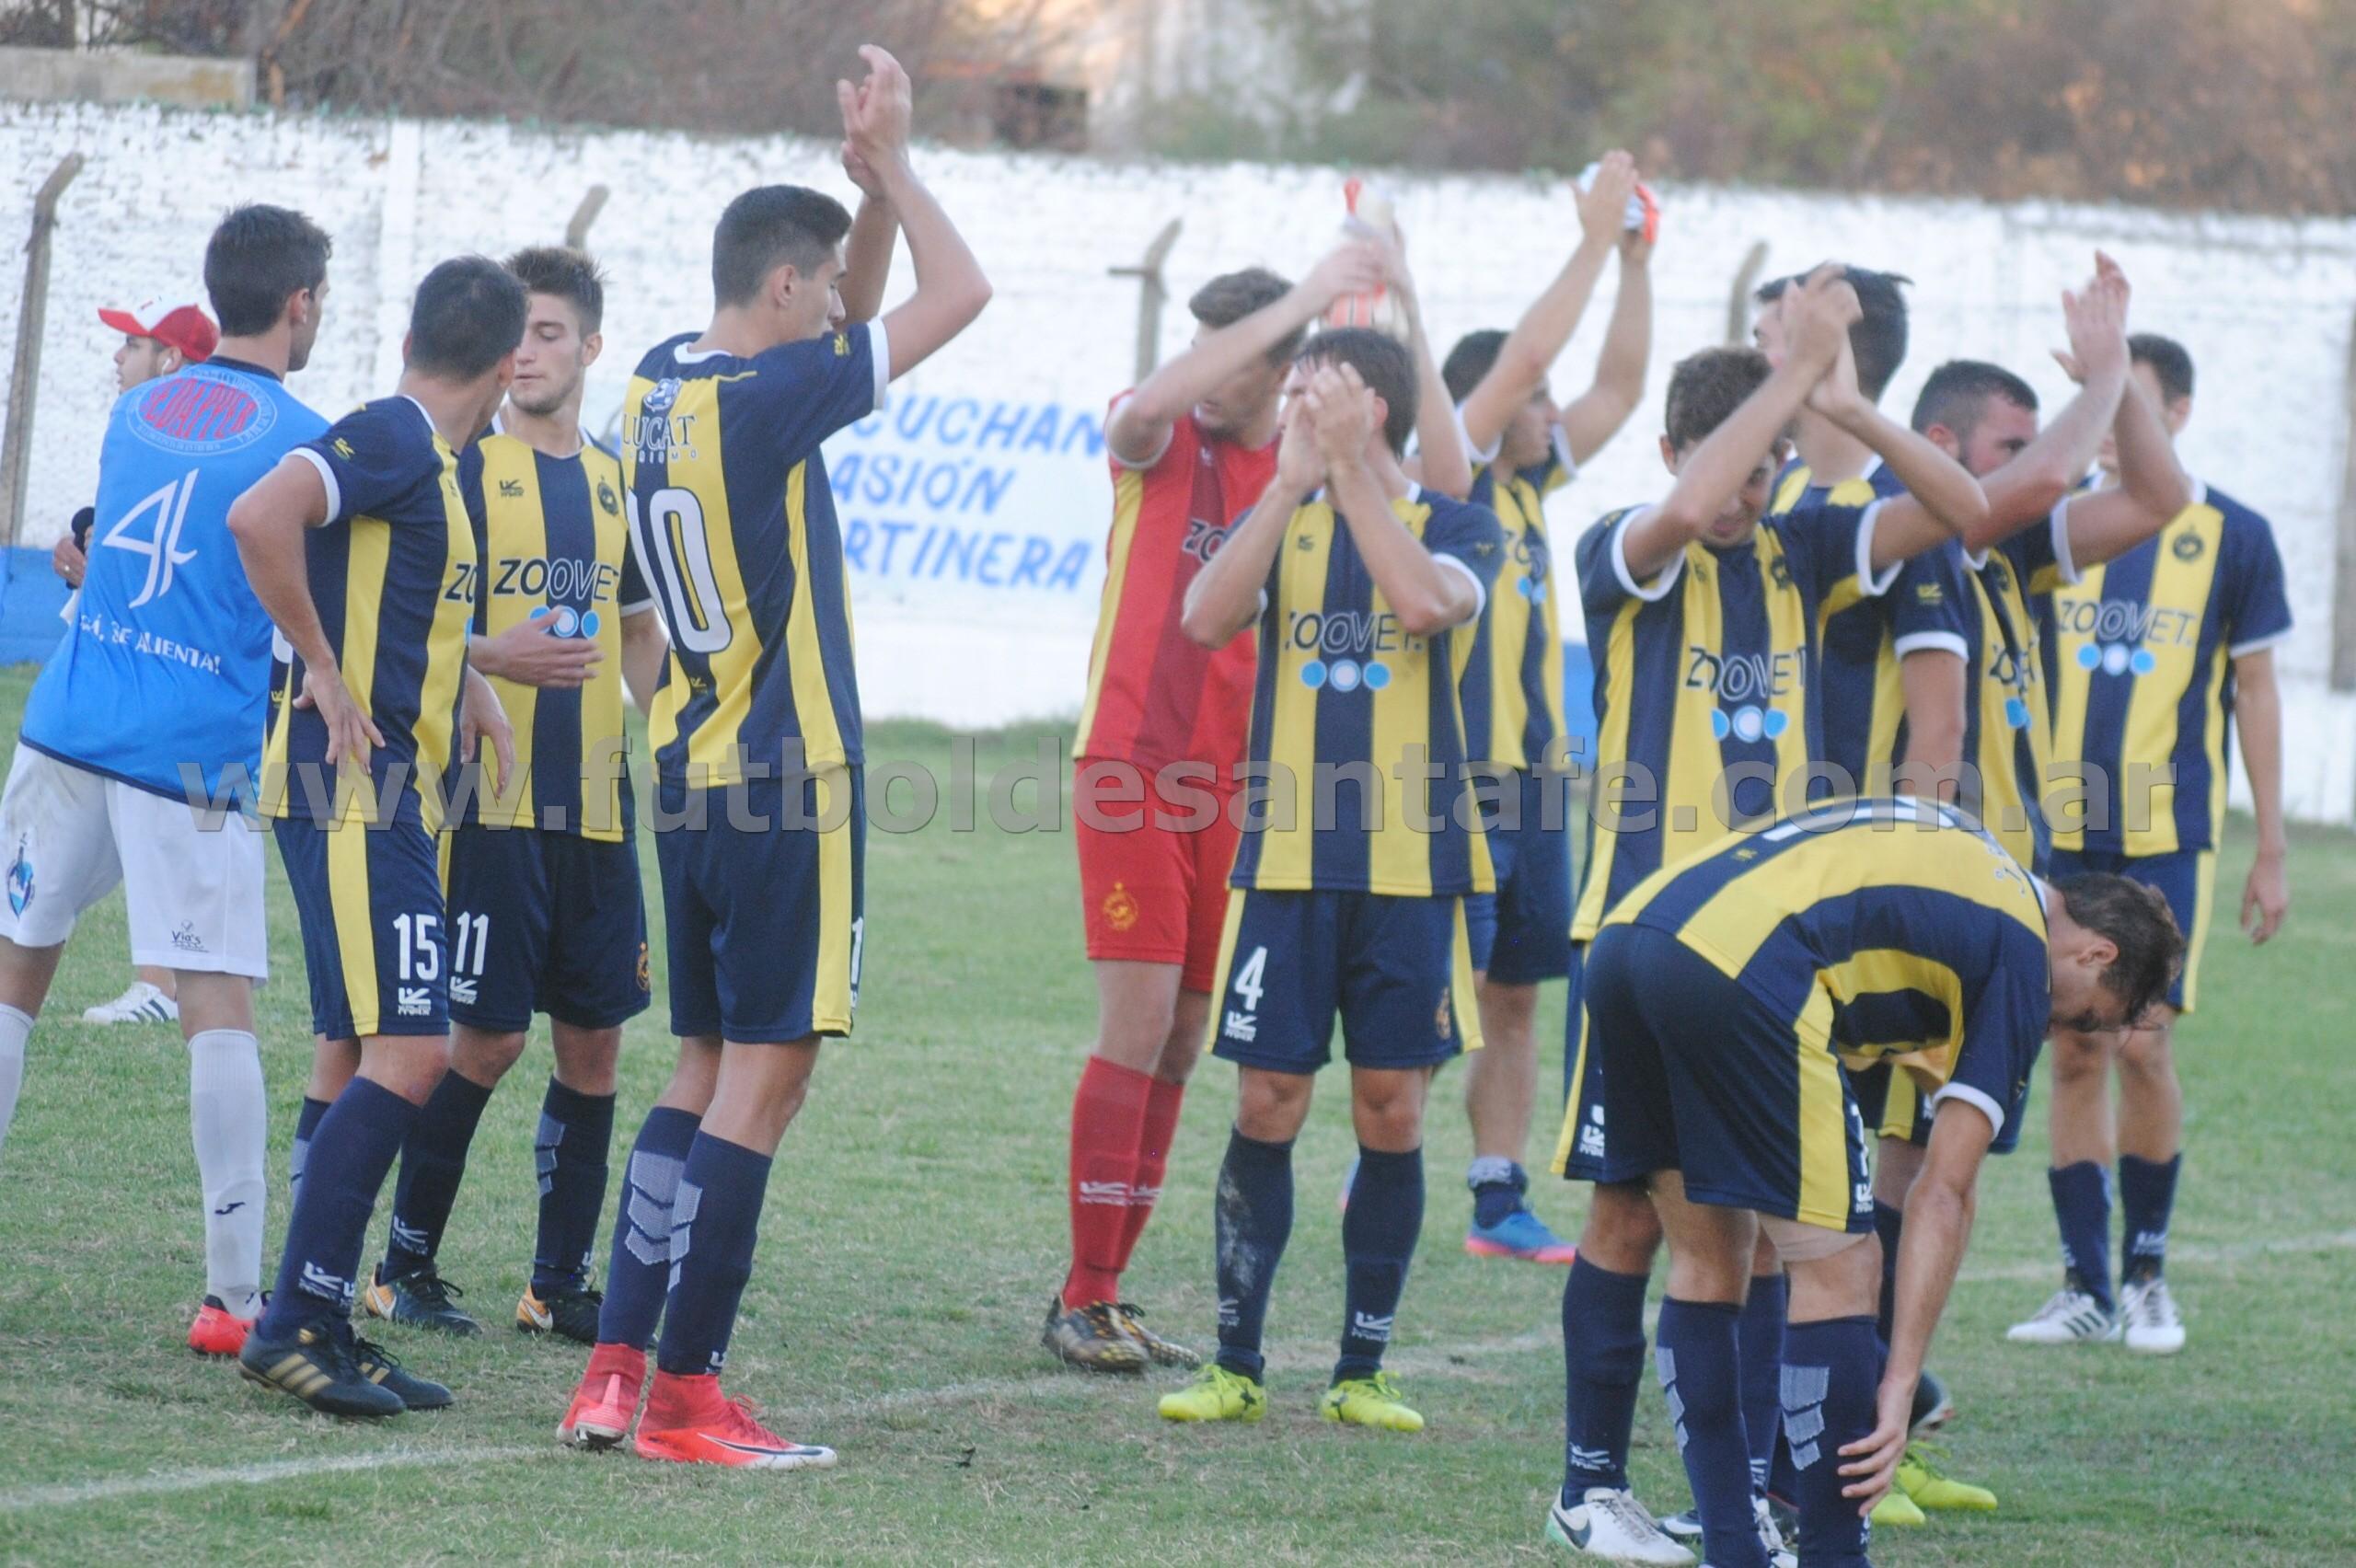 Sportivo Urquiza 0 - Náutico El Quillá 0